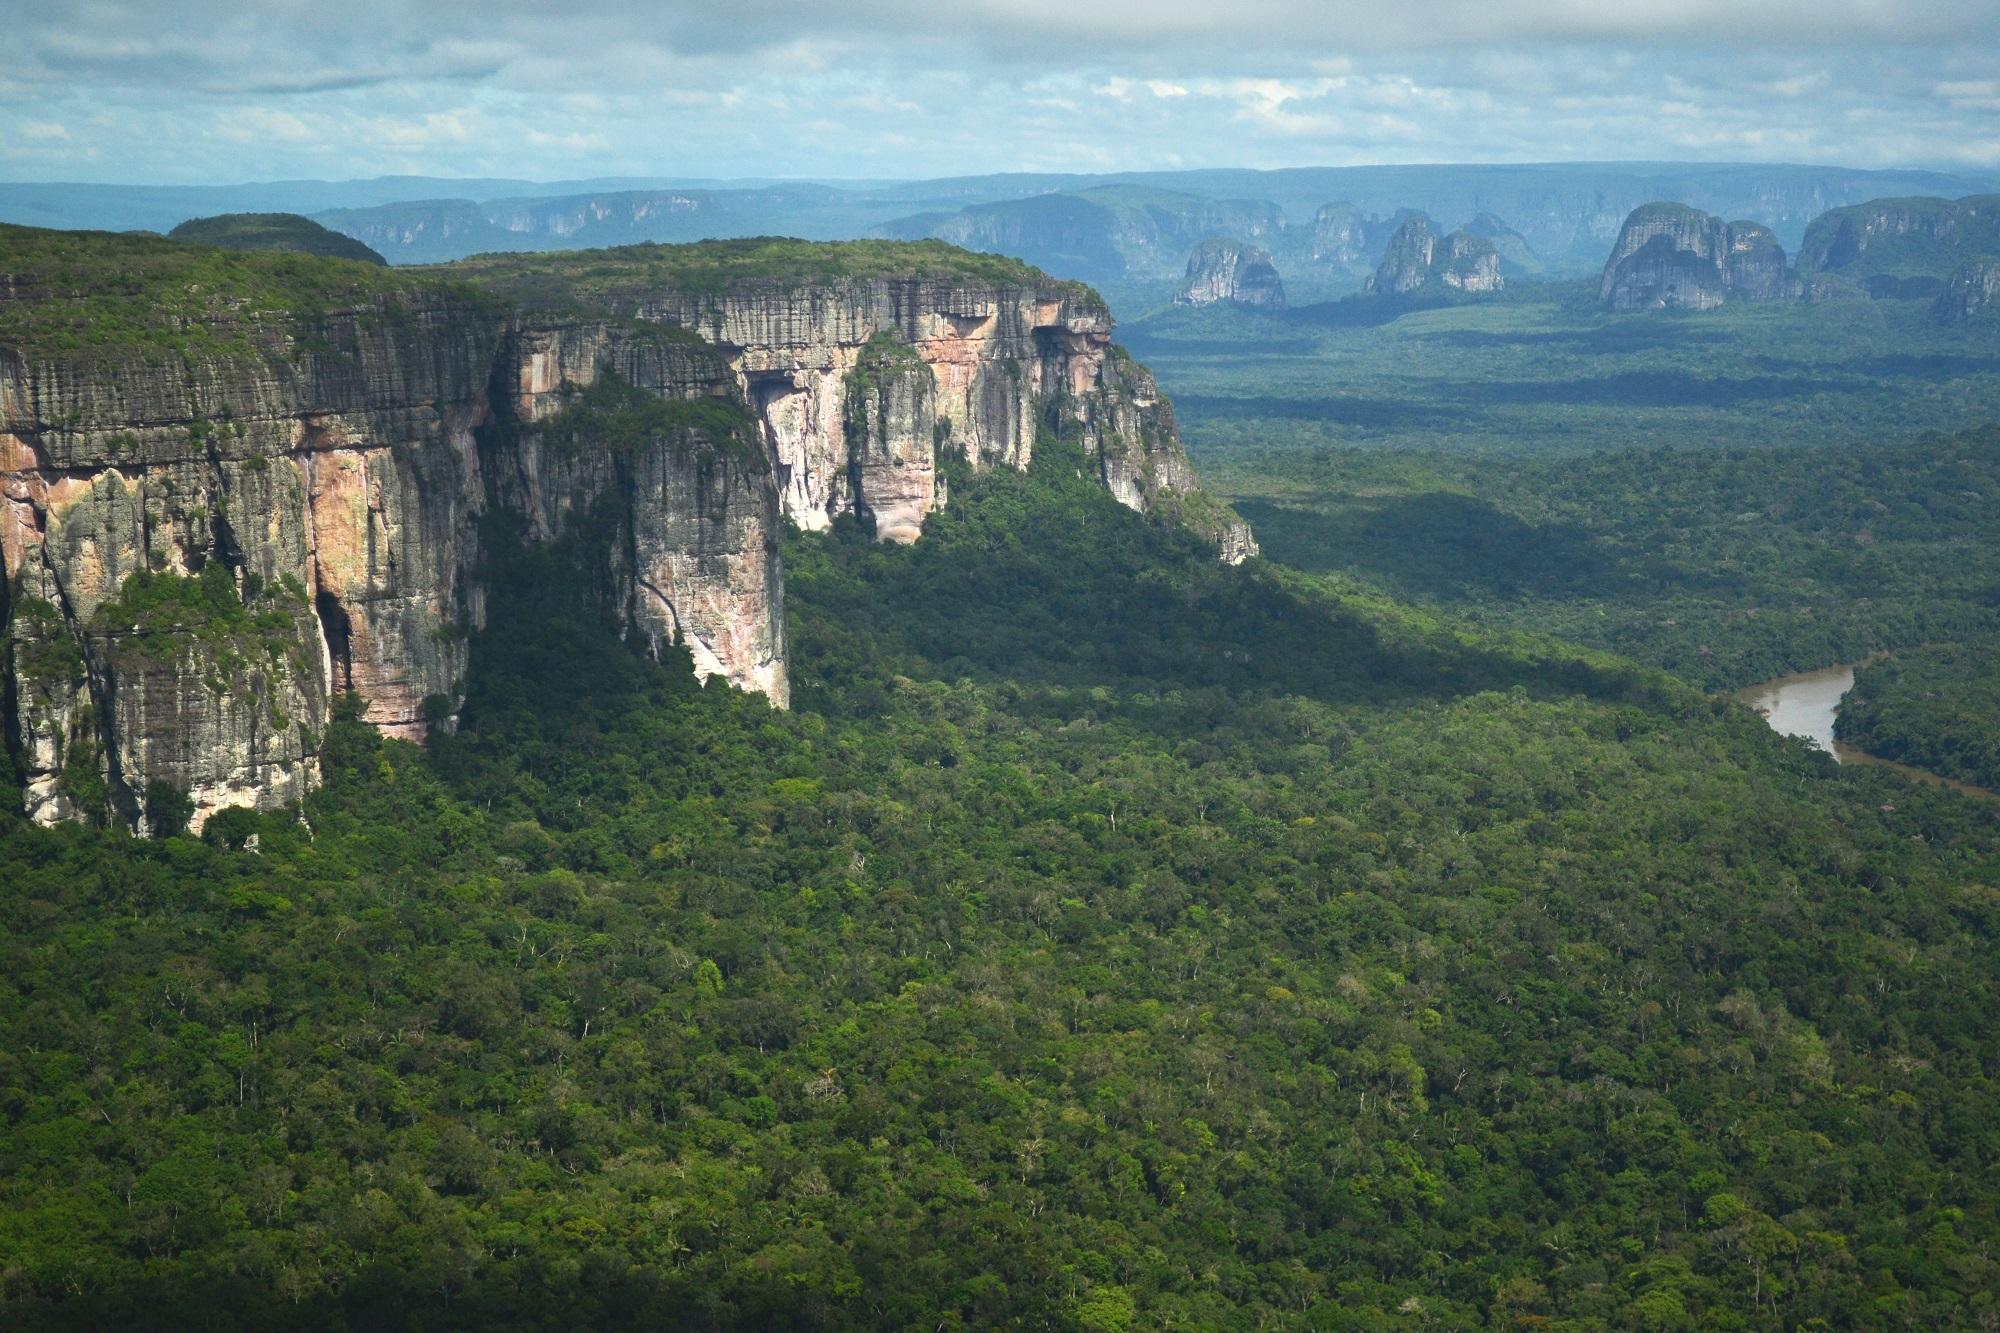 Así se ven desde el aire las majestuosas montañas rocosas en el Parque Nacional Serranía de Chiribiquete. Foto: Amazon Conservation Team